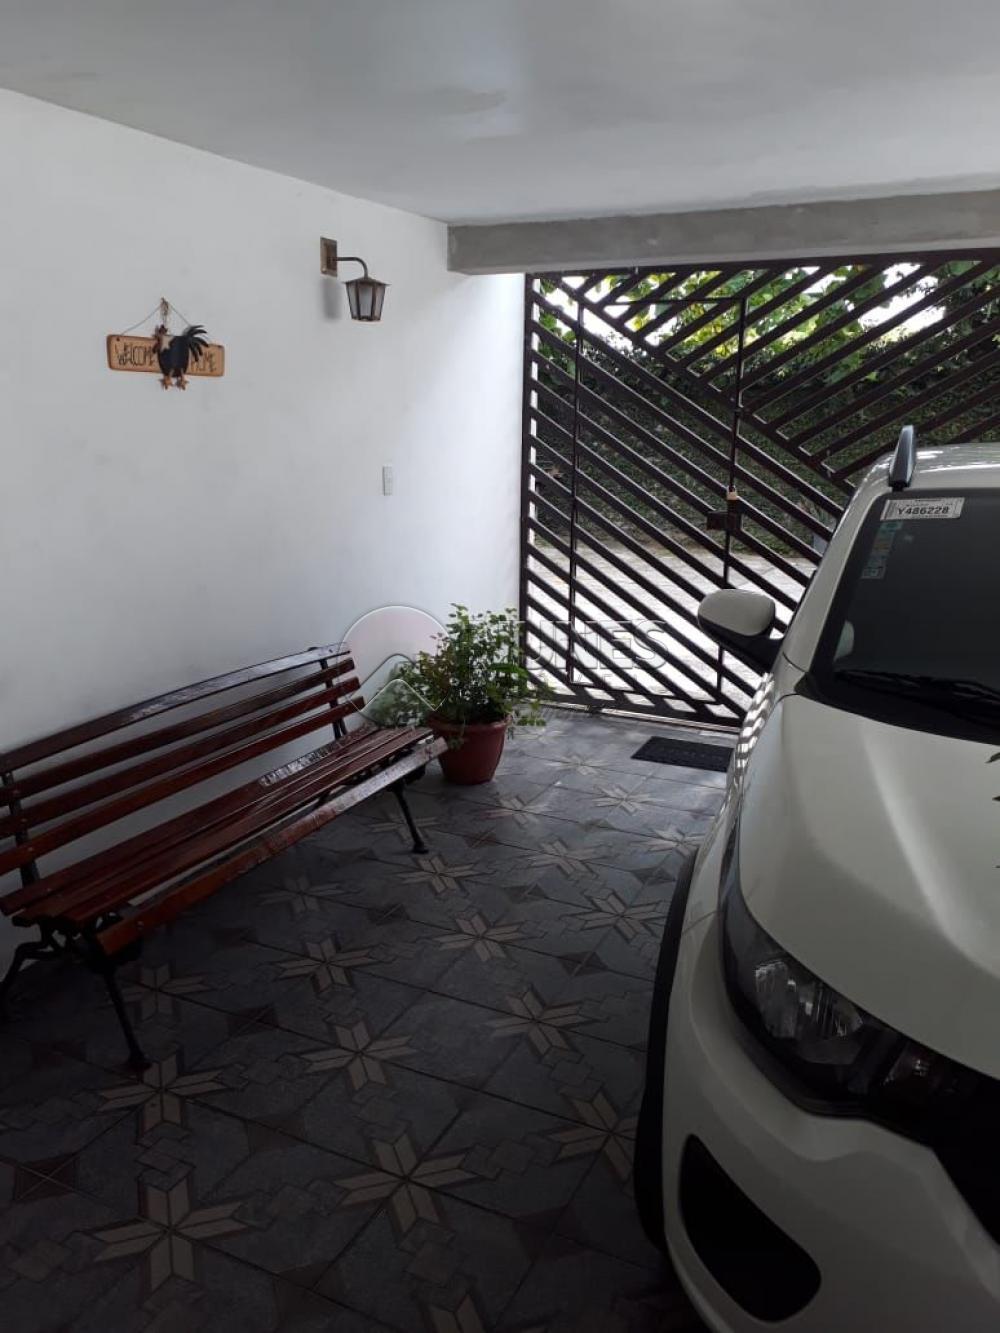 Comprar Casa / Sobrado em Carapicuíba apenas R$ 370.000,00 - Foto 3